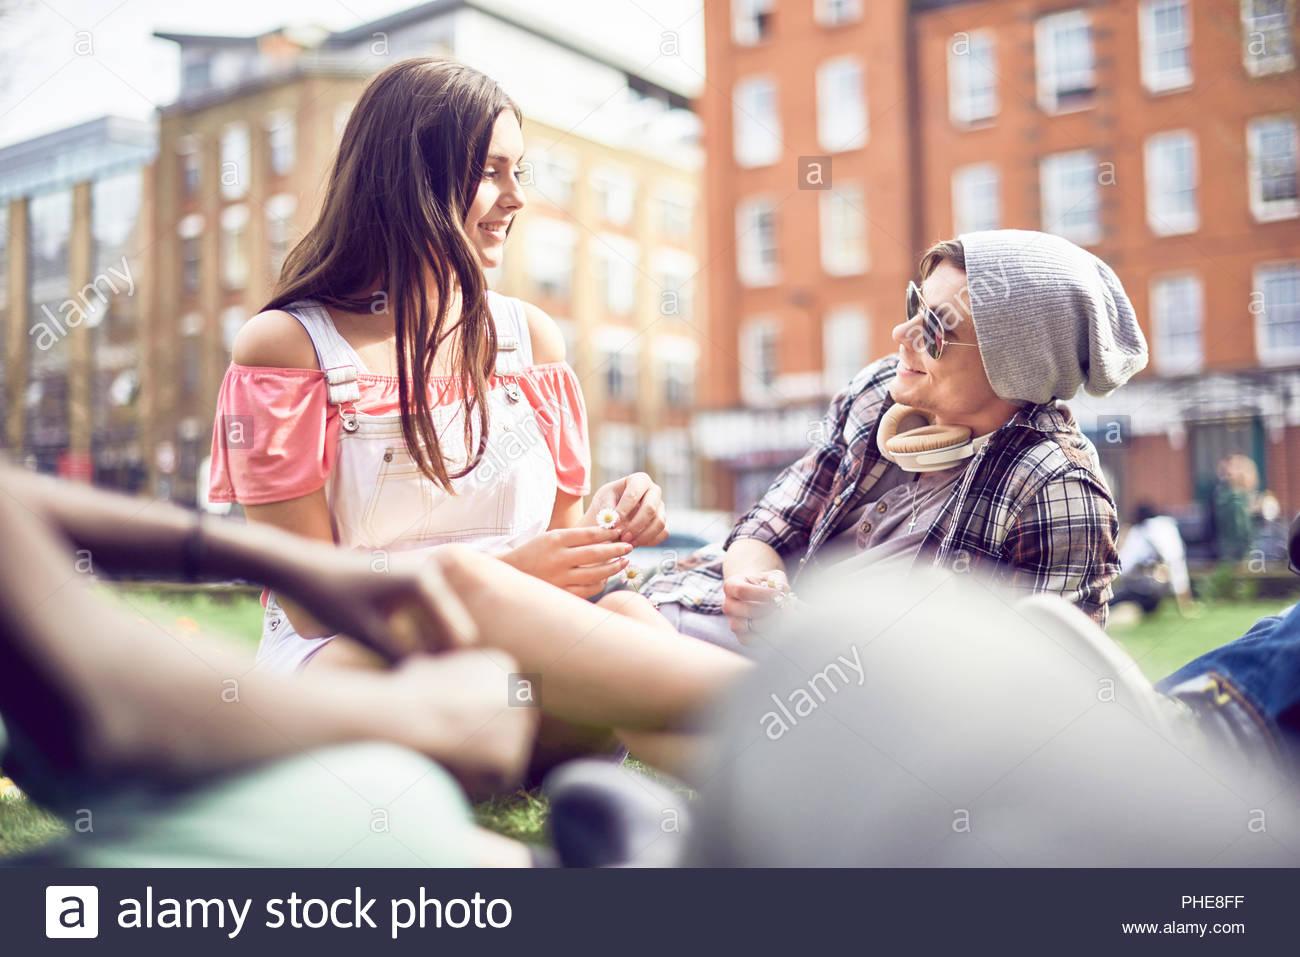 La pareja de adolescentes sentados en el parque Imagen De Stock